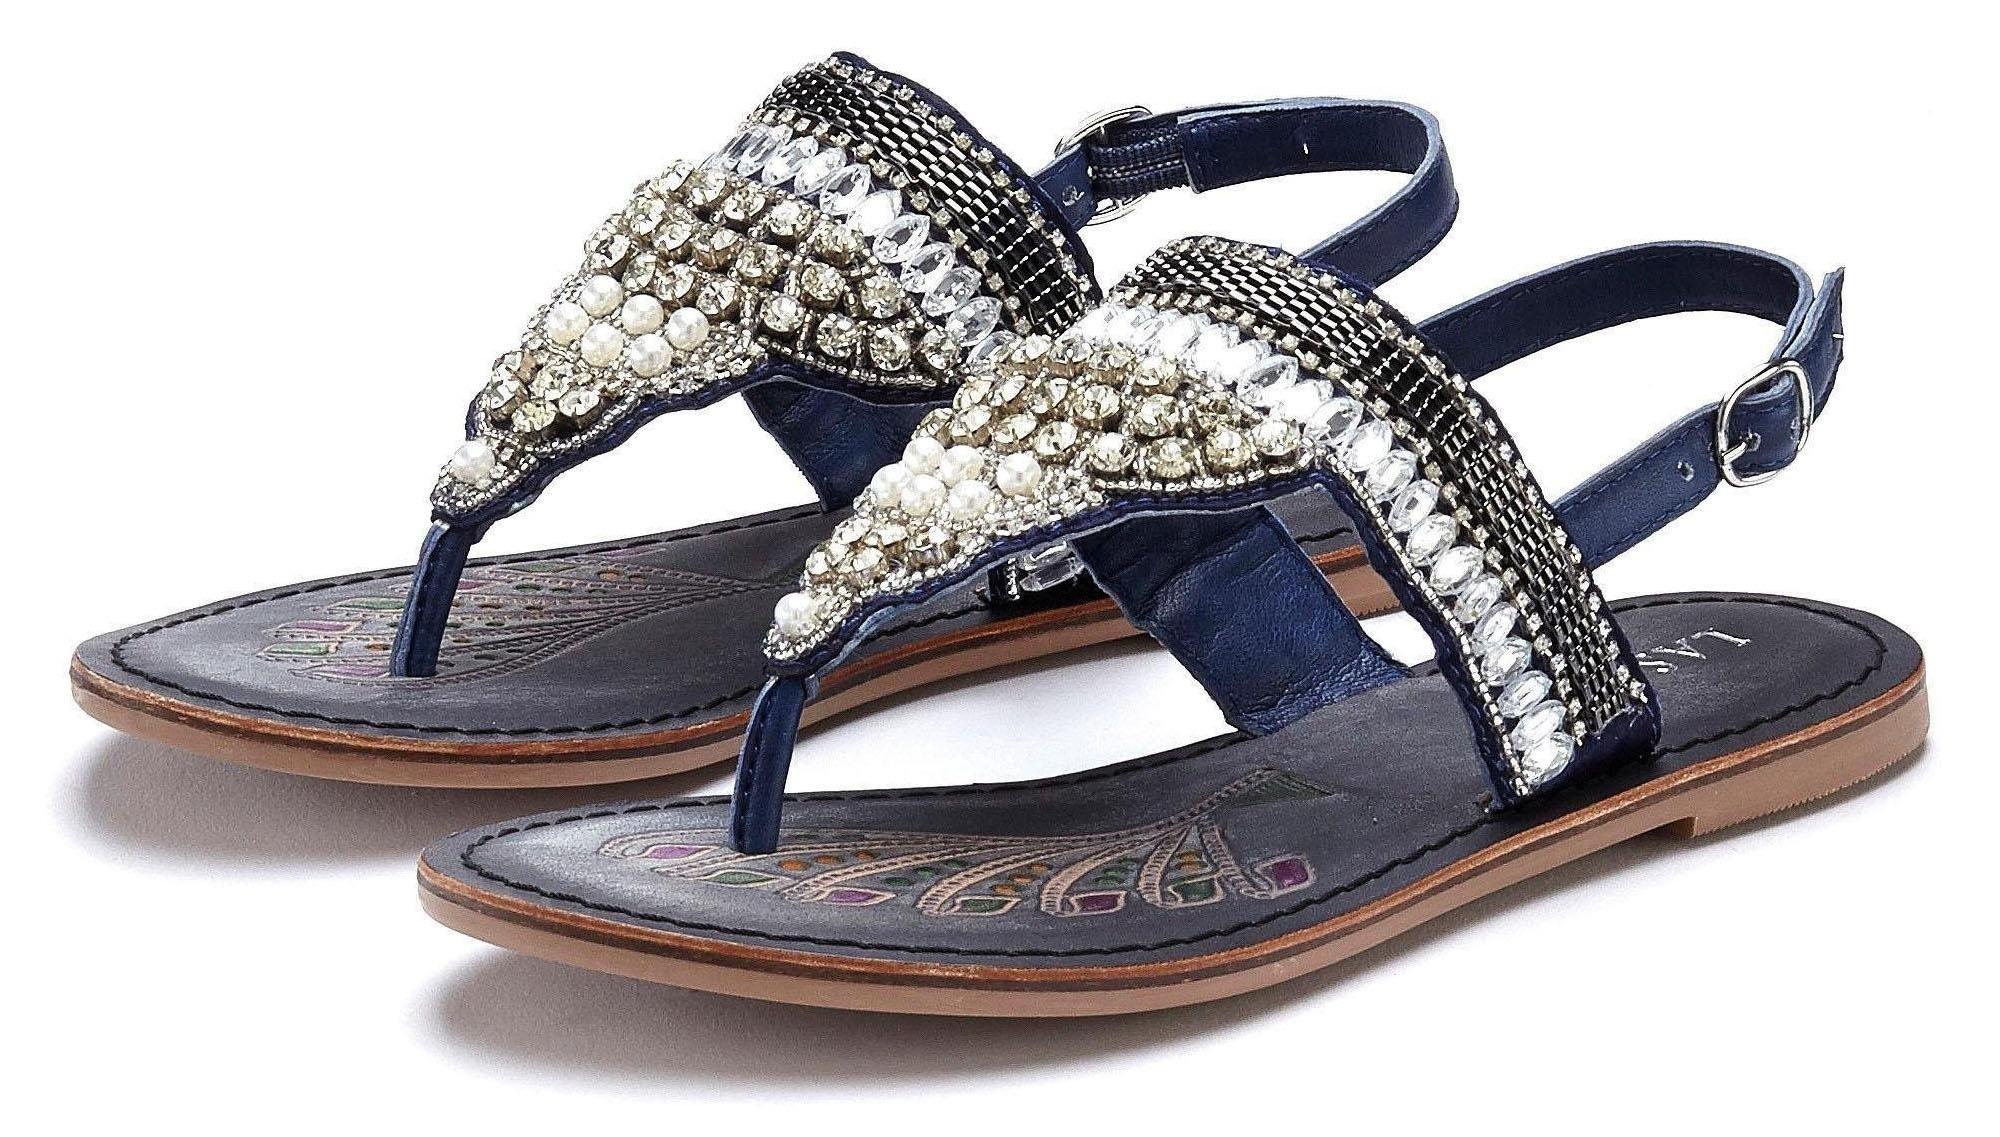 LASCANA teenslippertjes in metallic-look nu online kopen bij Lascana